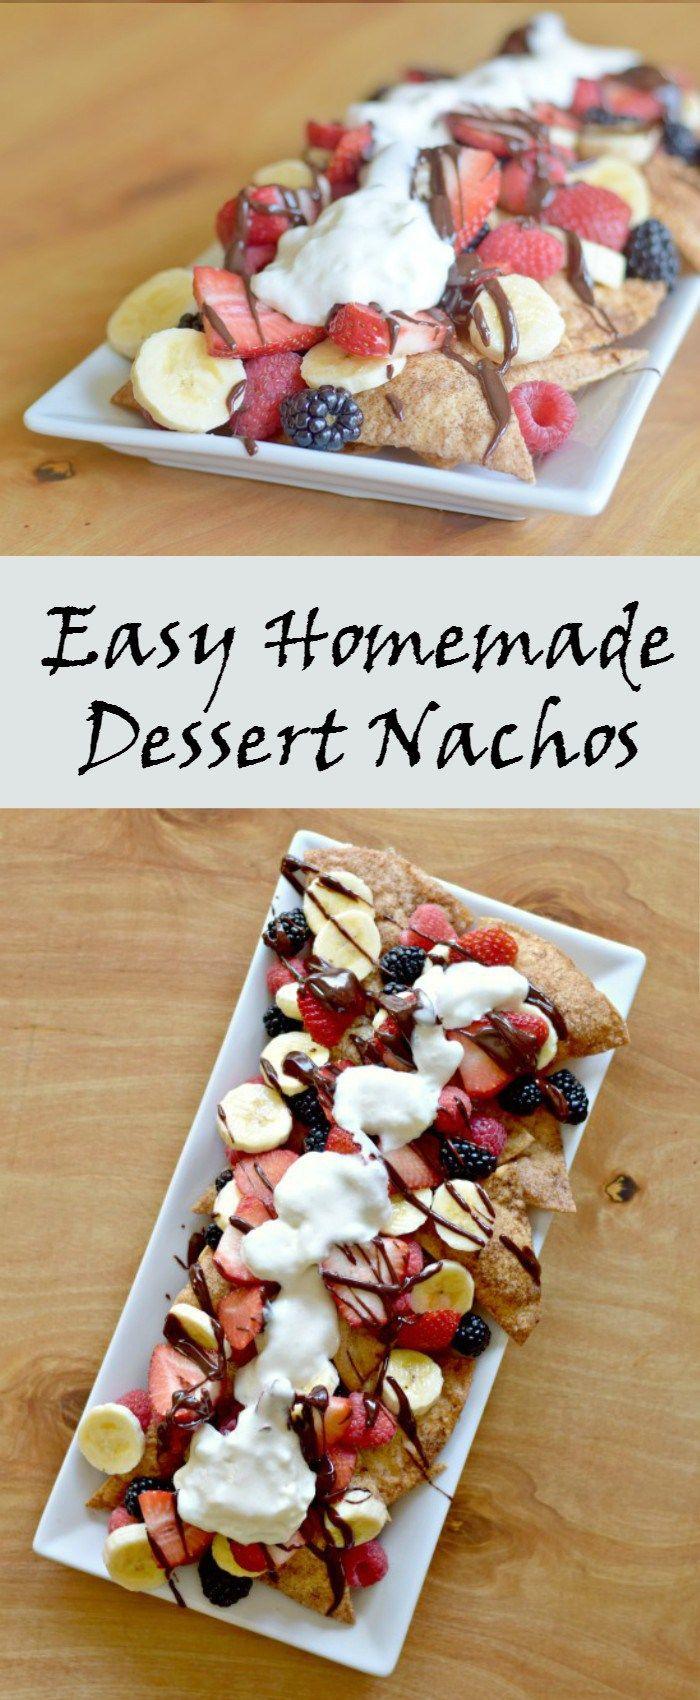 25+ best ideas about Dessert nachos on Pinterest ...